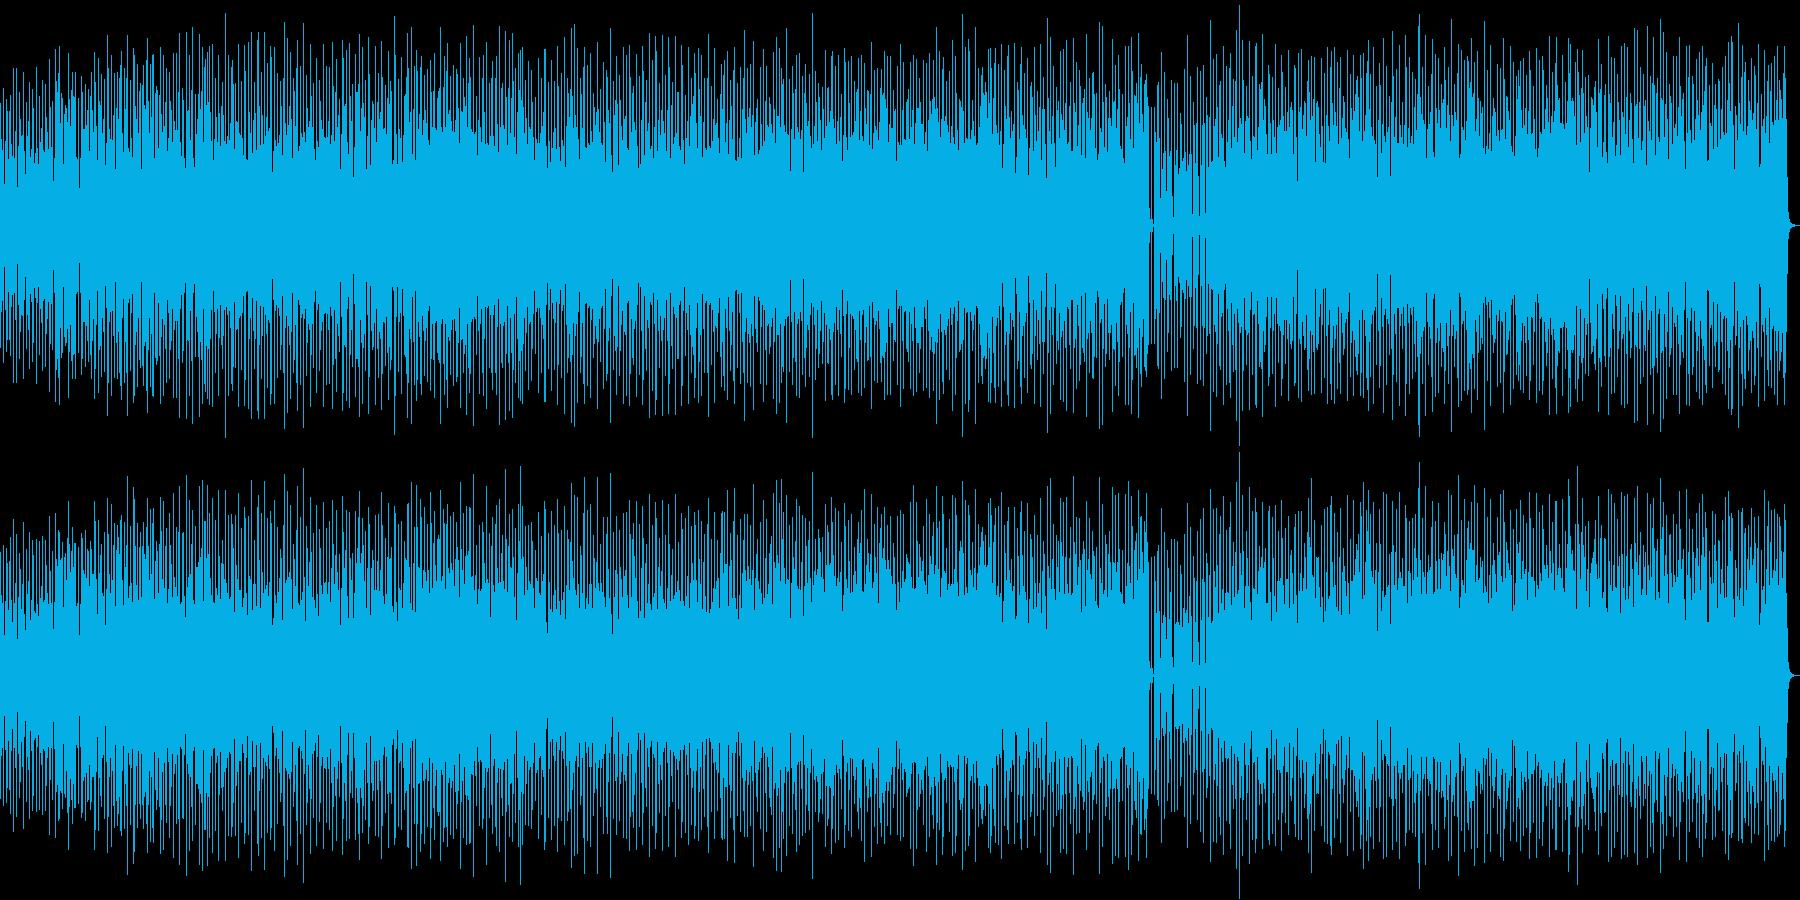 80年代中期シンセポップのインストの再生済みの波形